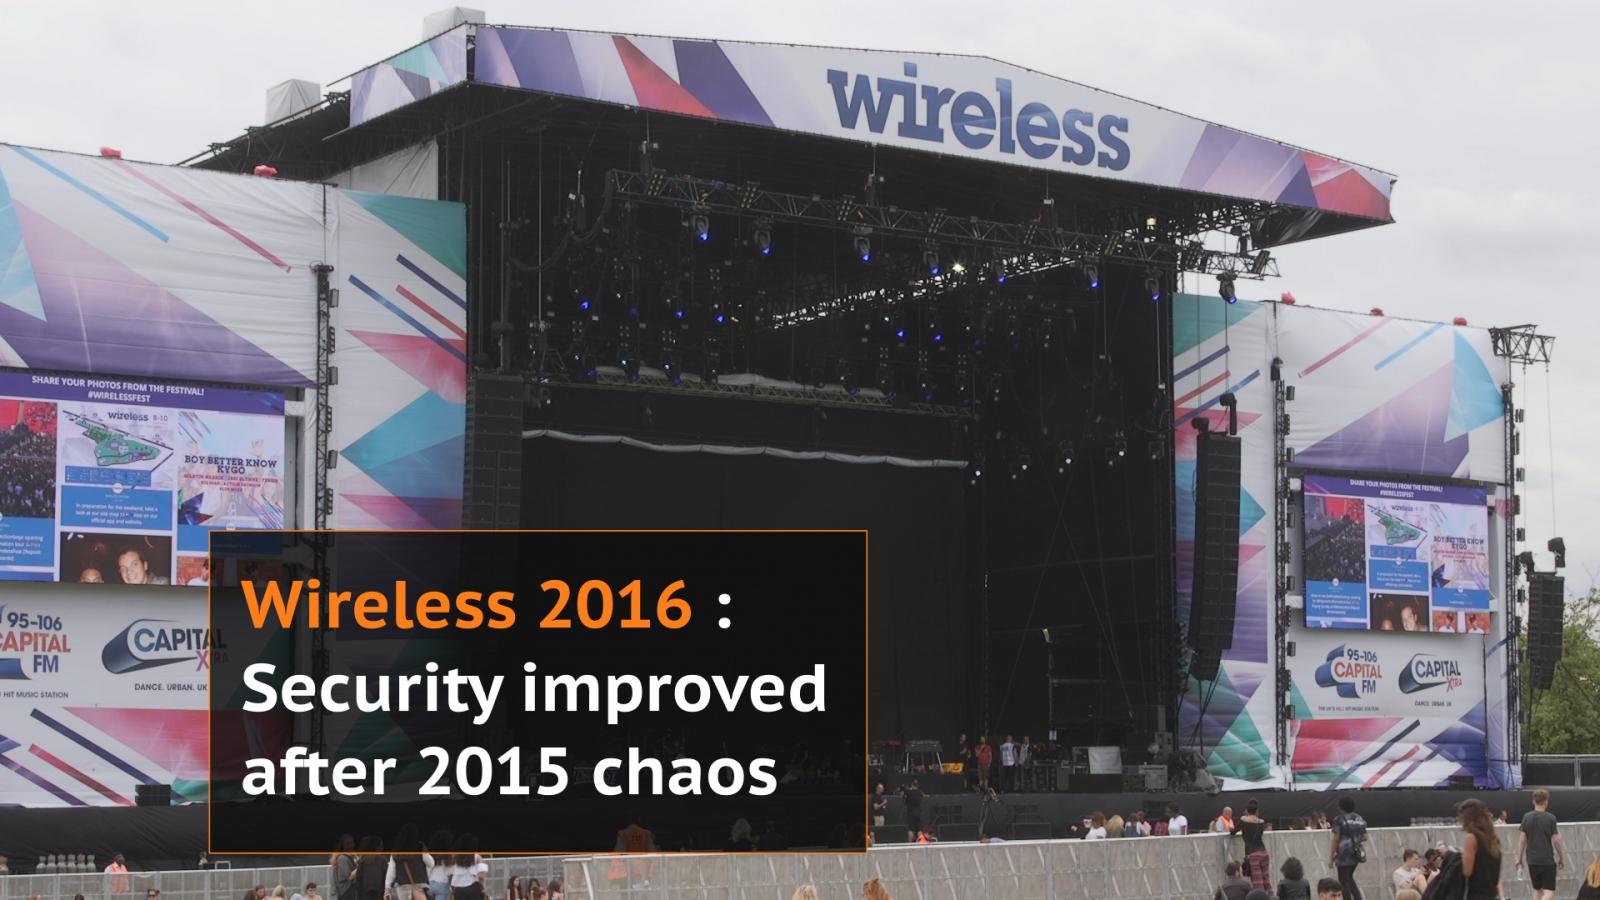 Wireless 2016